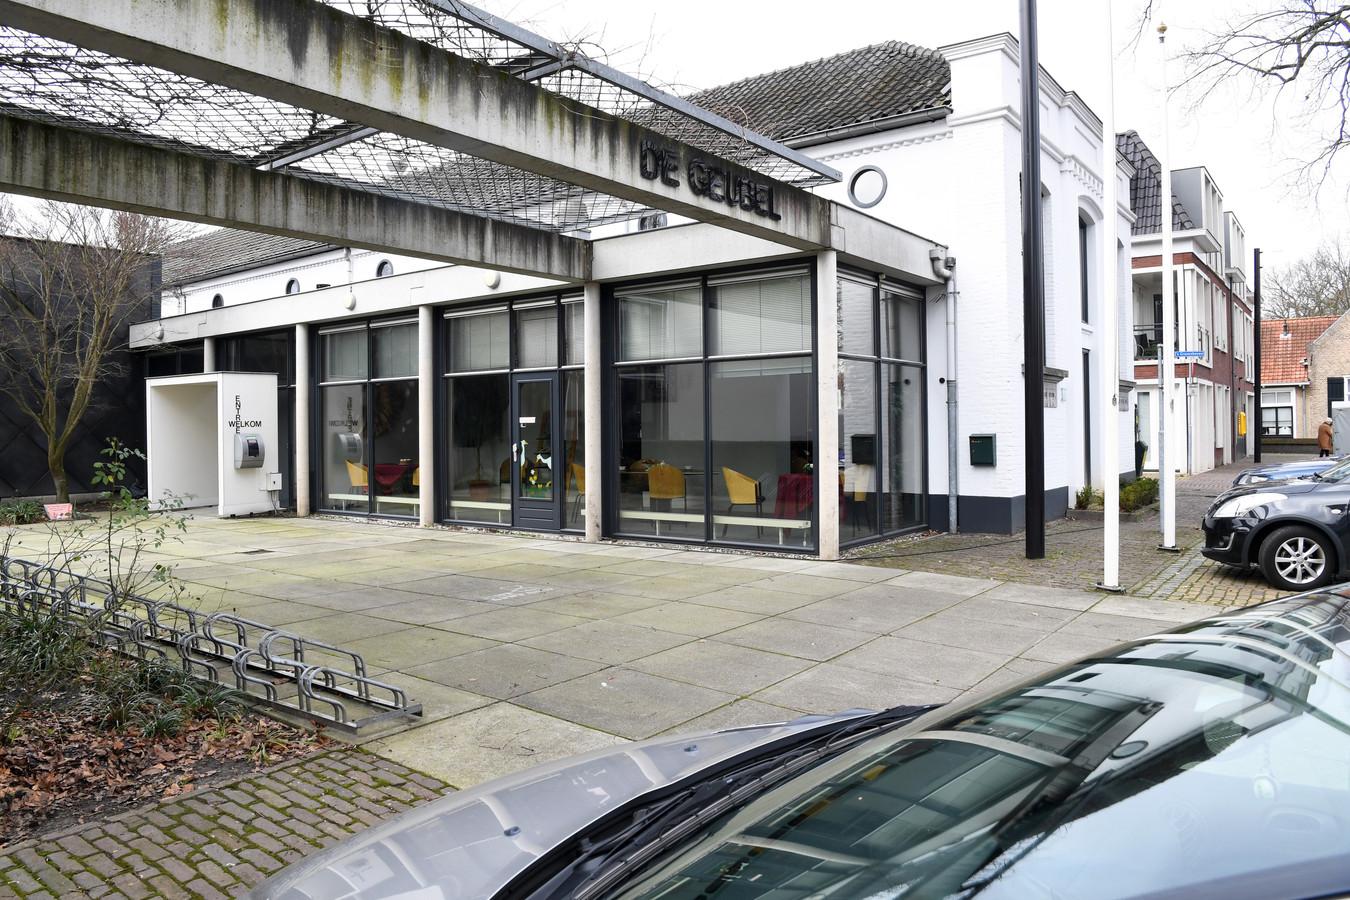 Dorpshuis De Geubel in 's Gravenmoer is overgaan naar een lokale stichting die het beheer en de explotiatie gaat regelen.